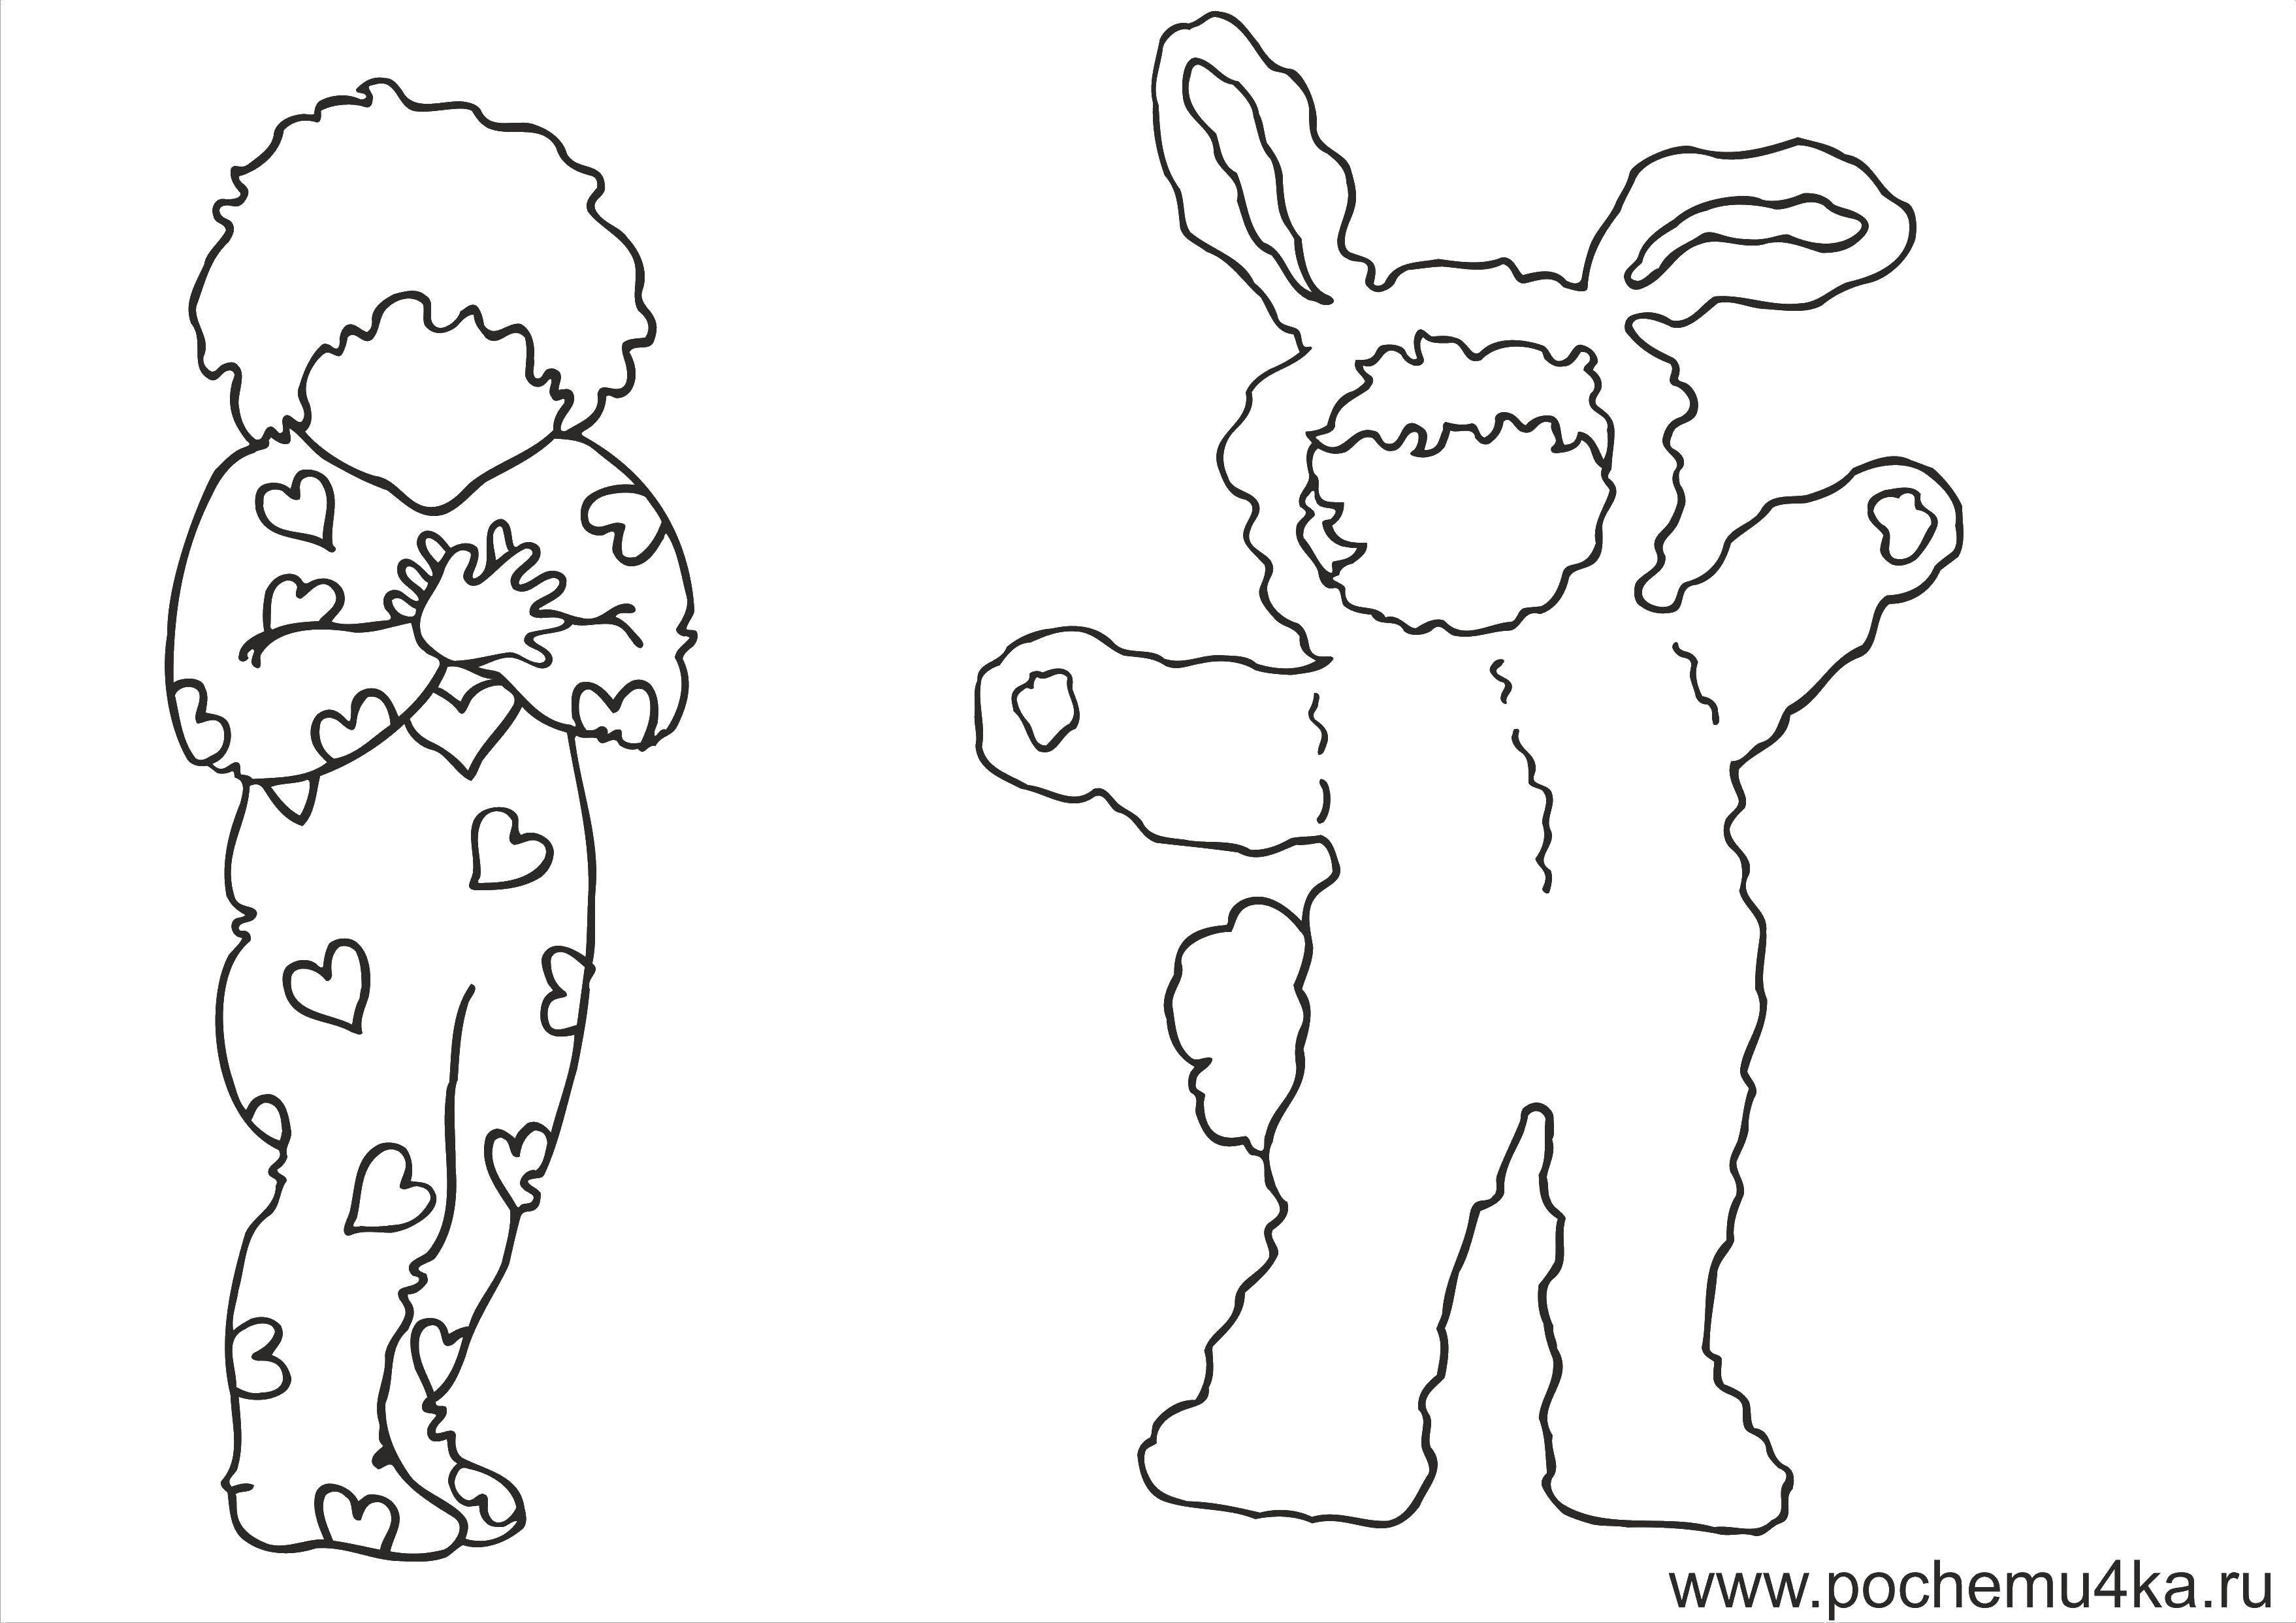 Раскраска дети Скачать ,учитель,сплинтер, черепашки ниндзя,.  Распечатать